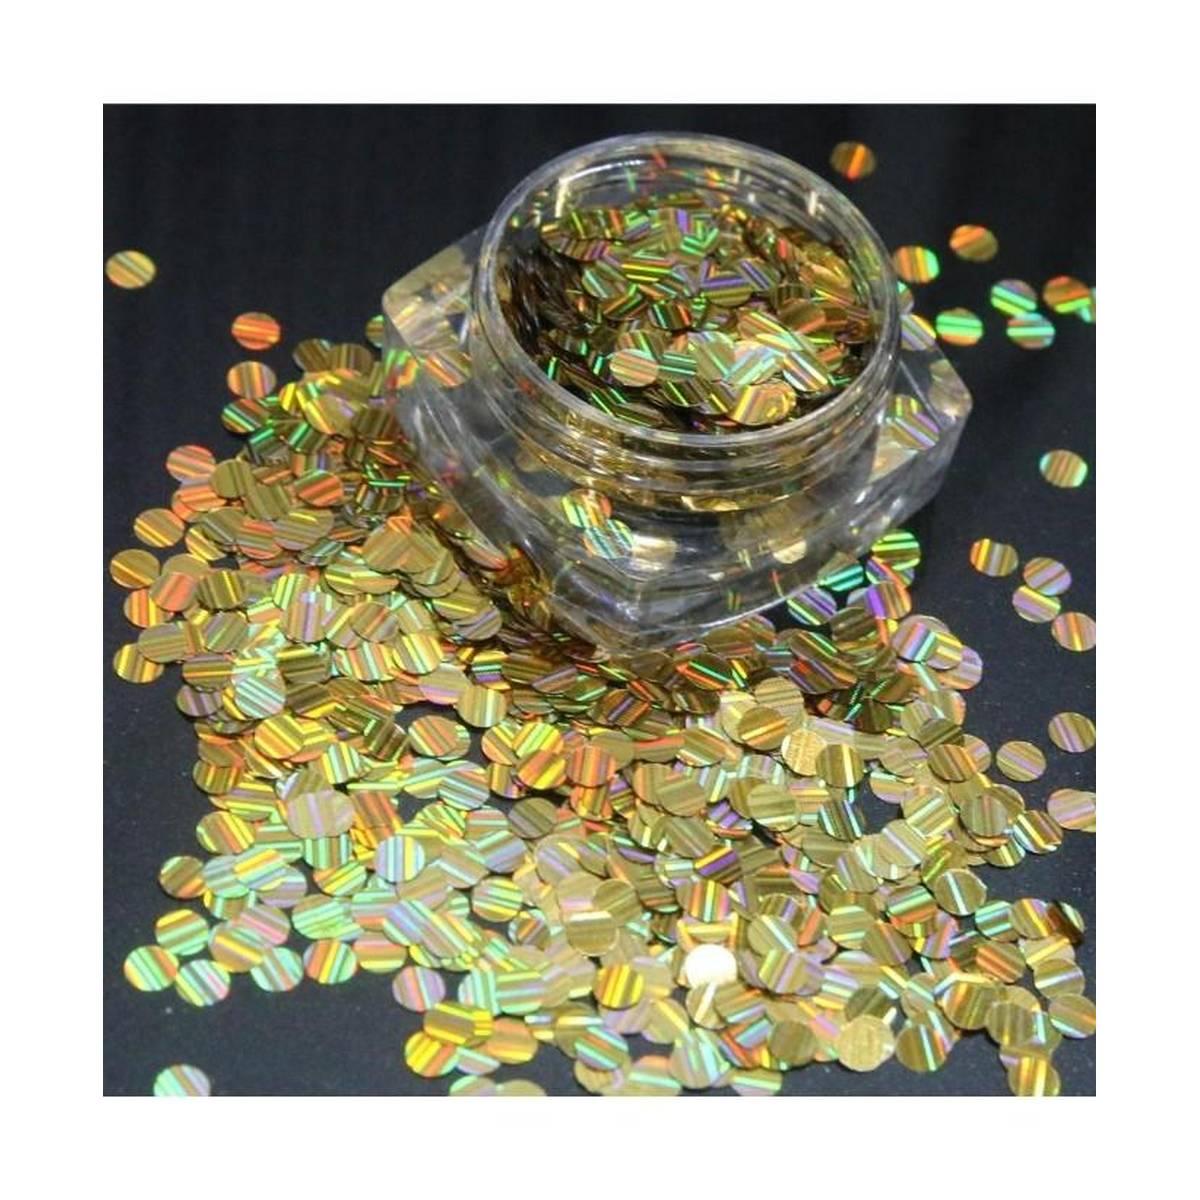 3g Golden Glitter Pot For Nails